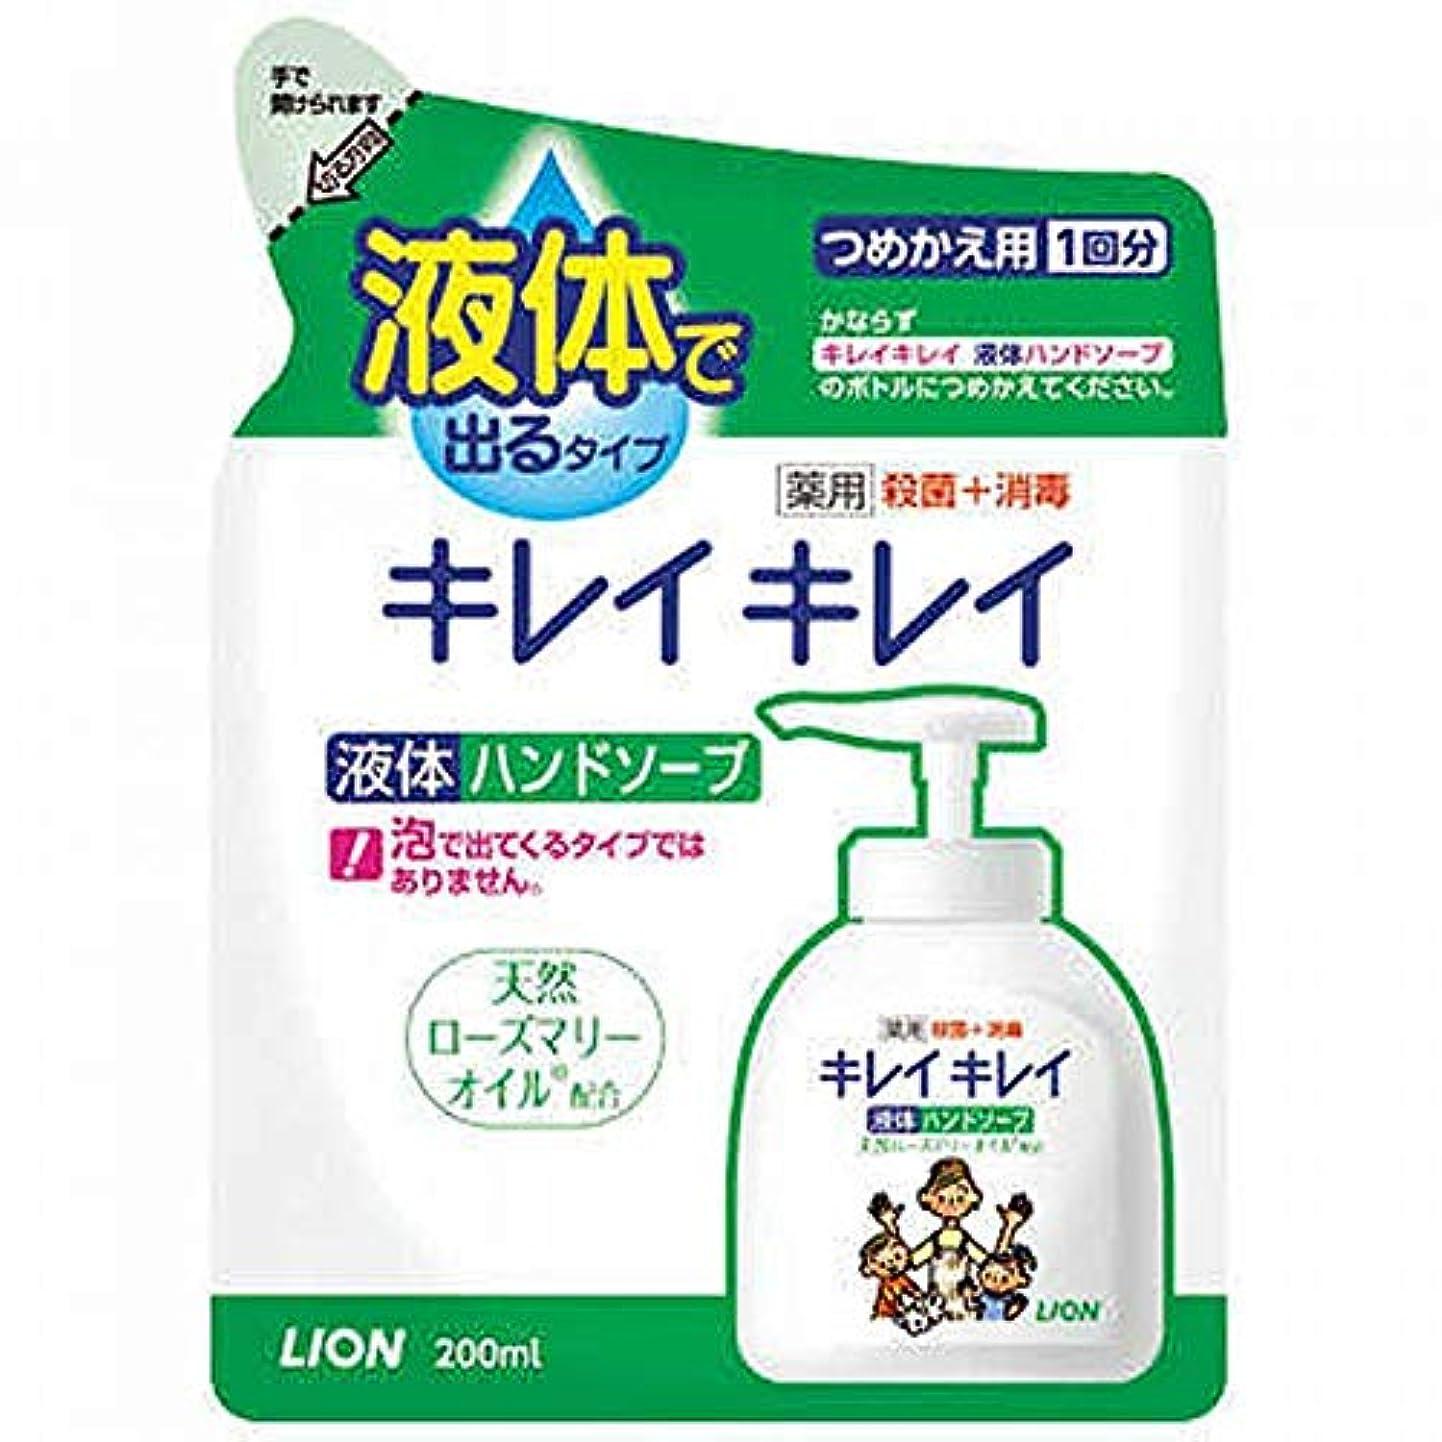 フロントマングル敬なライオン キレイキレイ 薬用液体ハンドソープ 詰替 200ml ×2セット